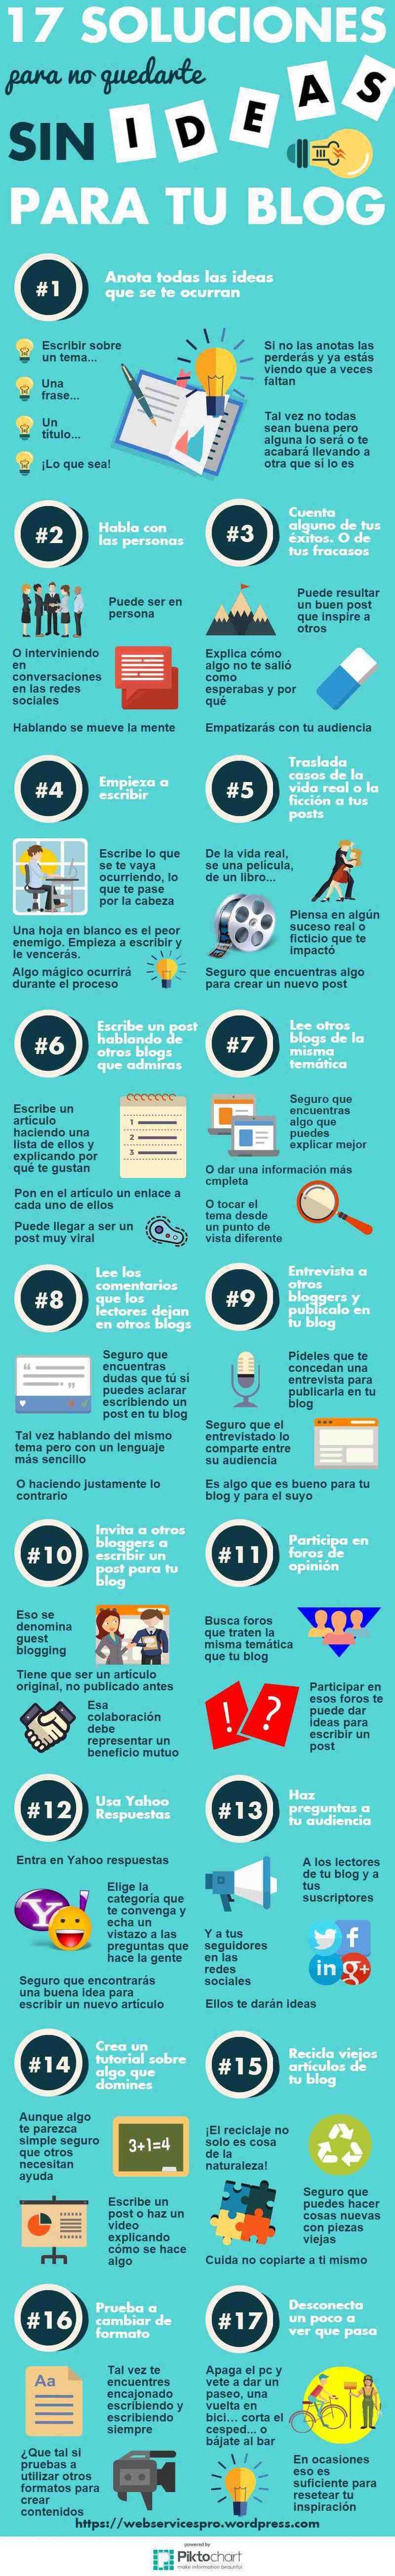 17-soluciones-para-no-quedarte-sin-ideas-para-tu-bloG